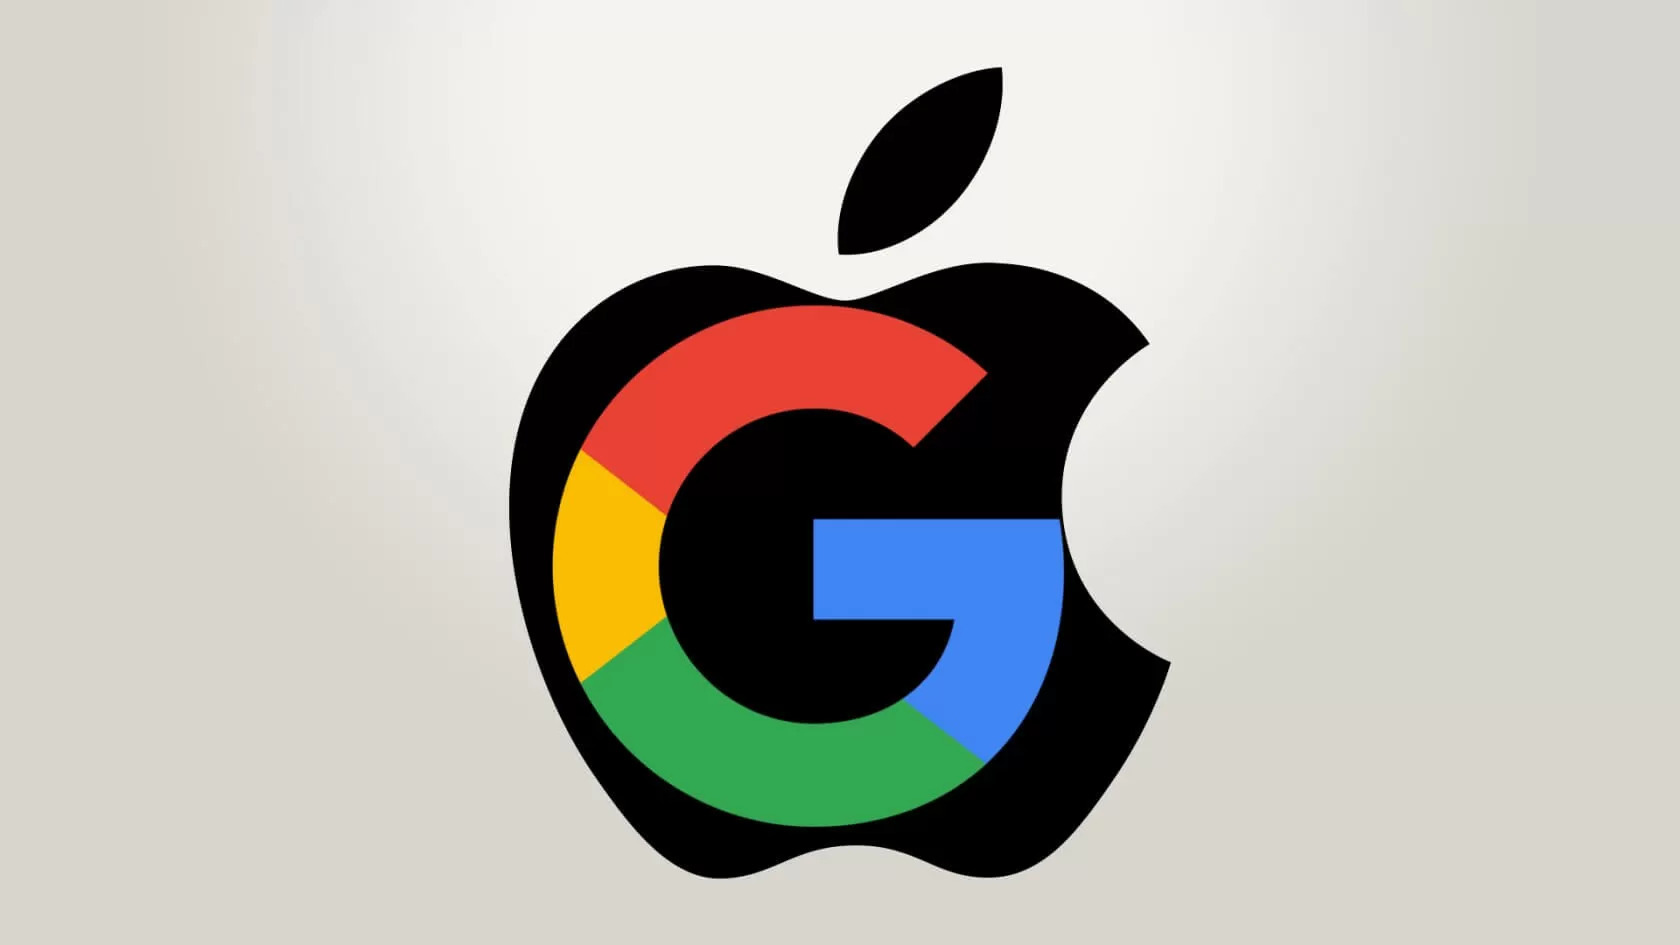 В России вызвали представителей Google и Apple по делу о вмешательстве США в российские выборы